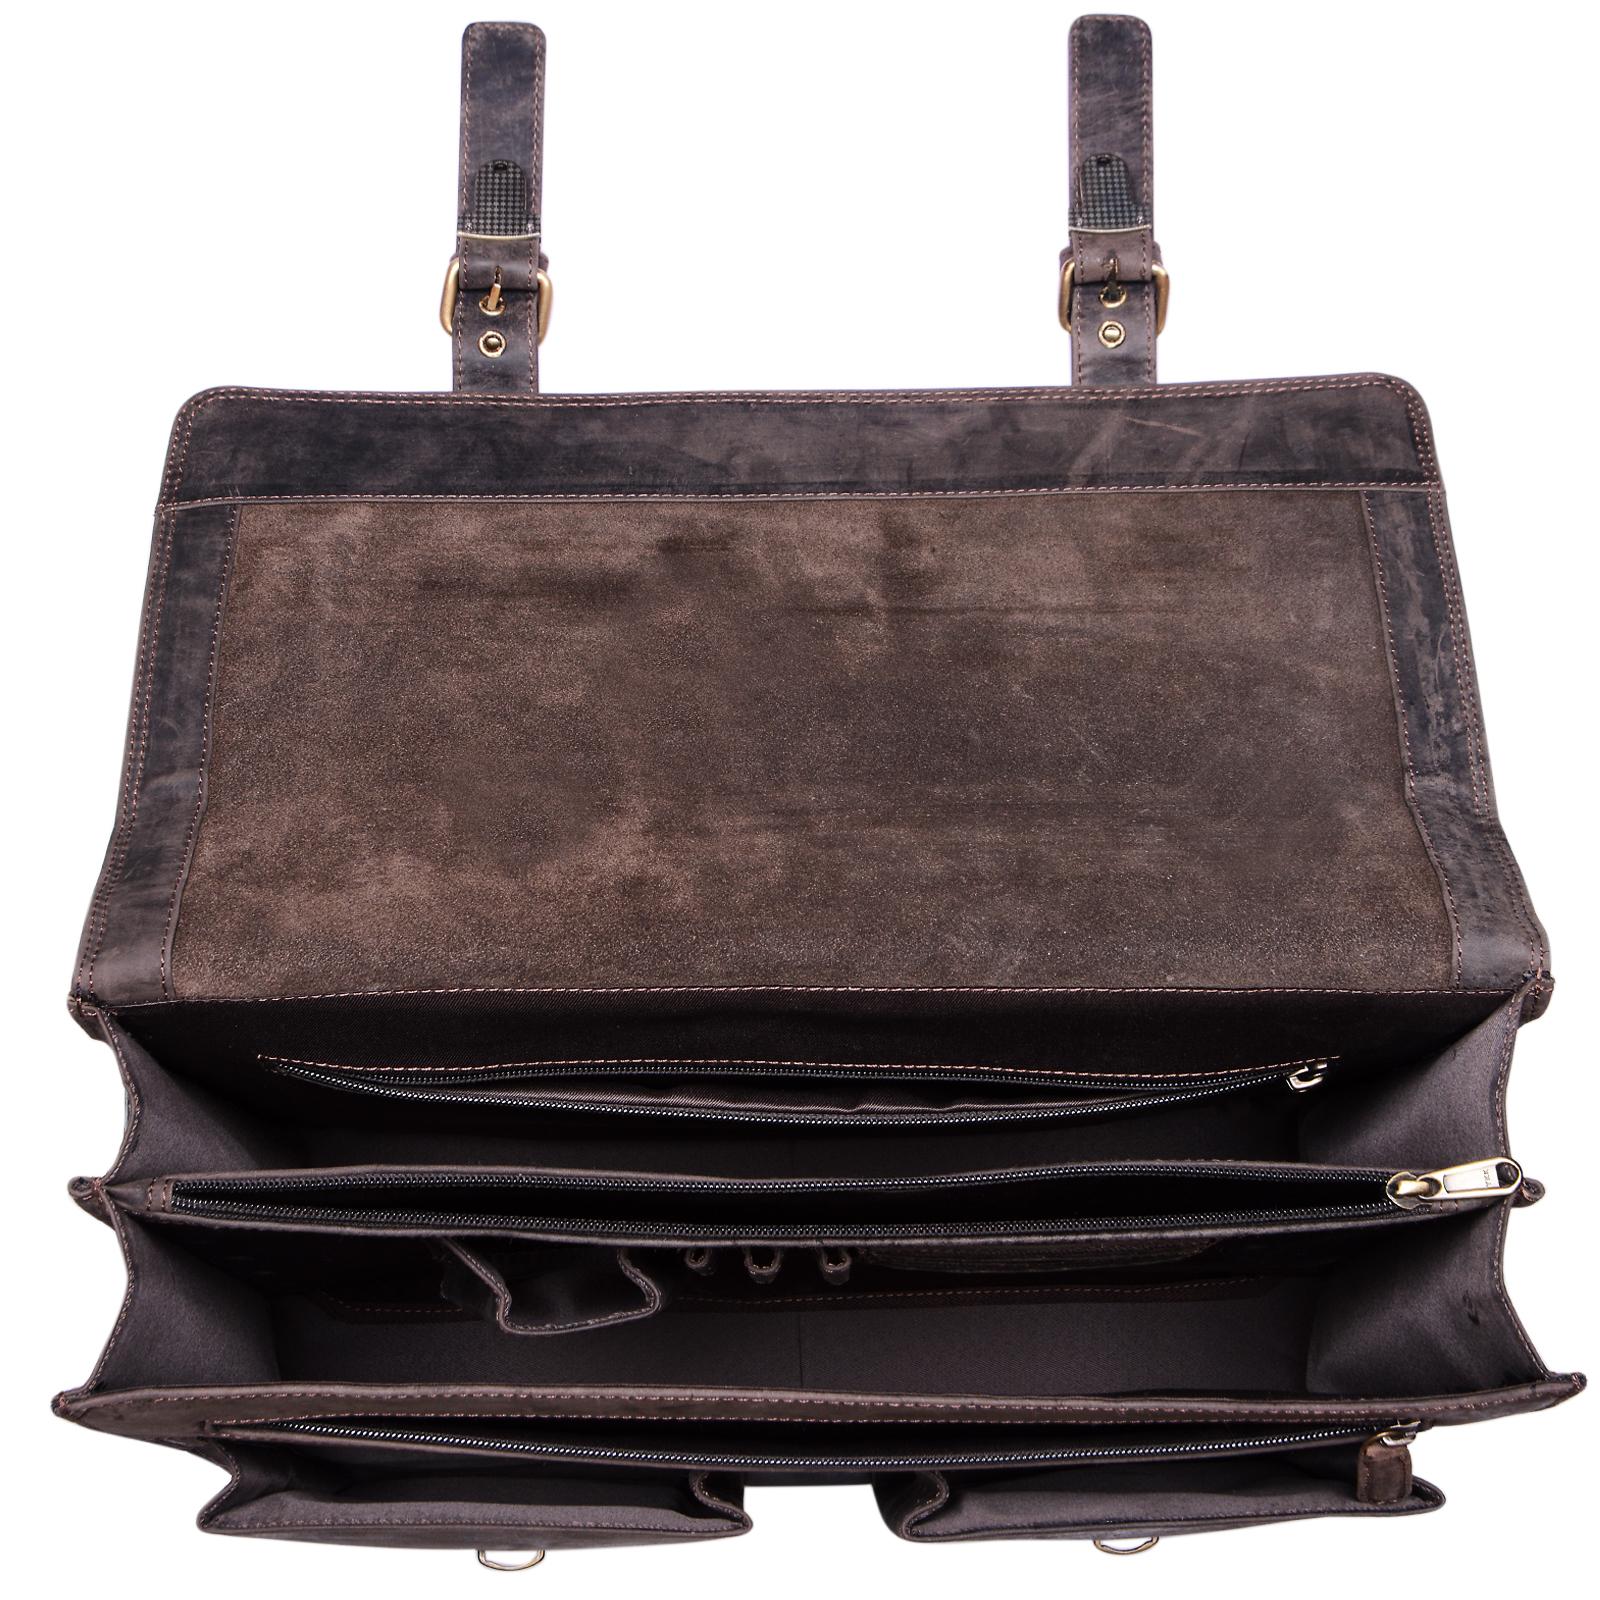 """STILORD B-WARE """"Constantin"""" Vintage Lehrertasche Aktentasche Herren Damen Bürotasche Hauptfach für 15.6 Zoll Laptop Umhängetasche groß Leder - Bild 3"""